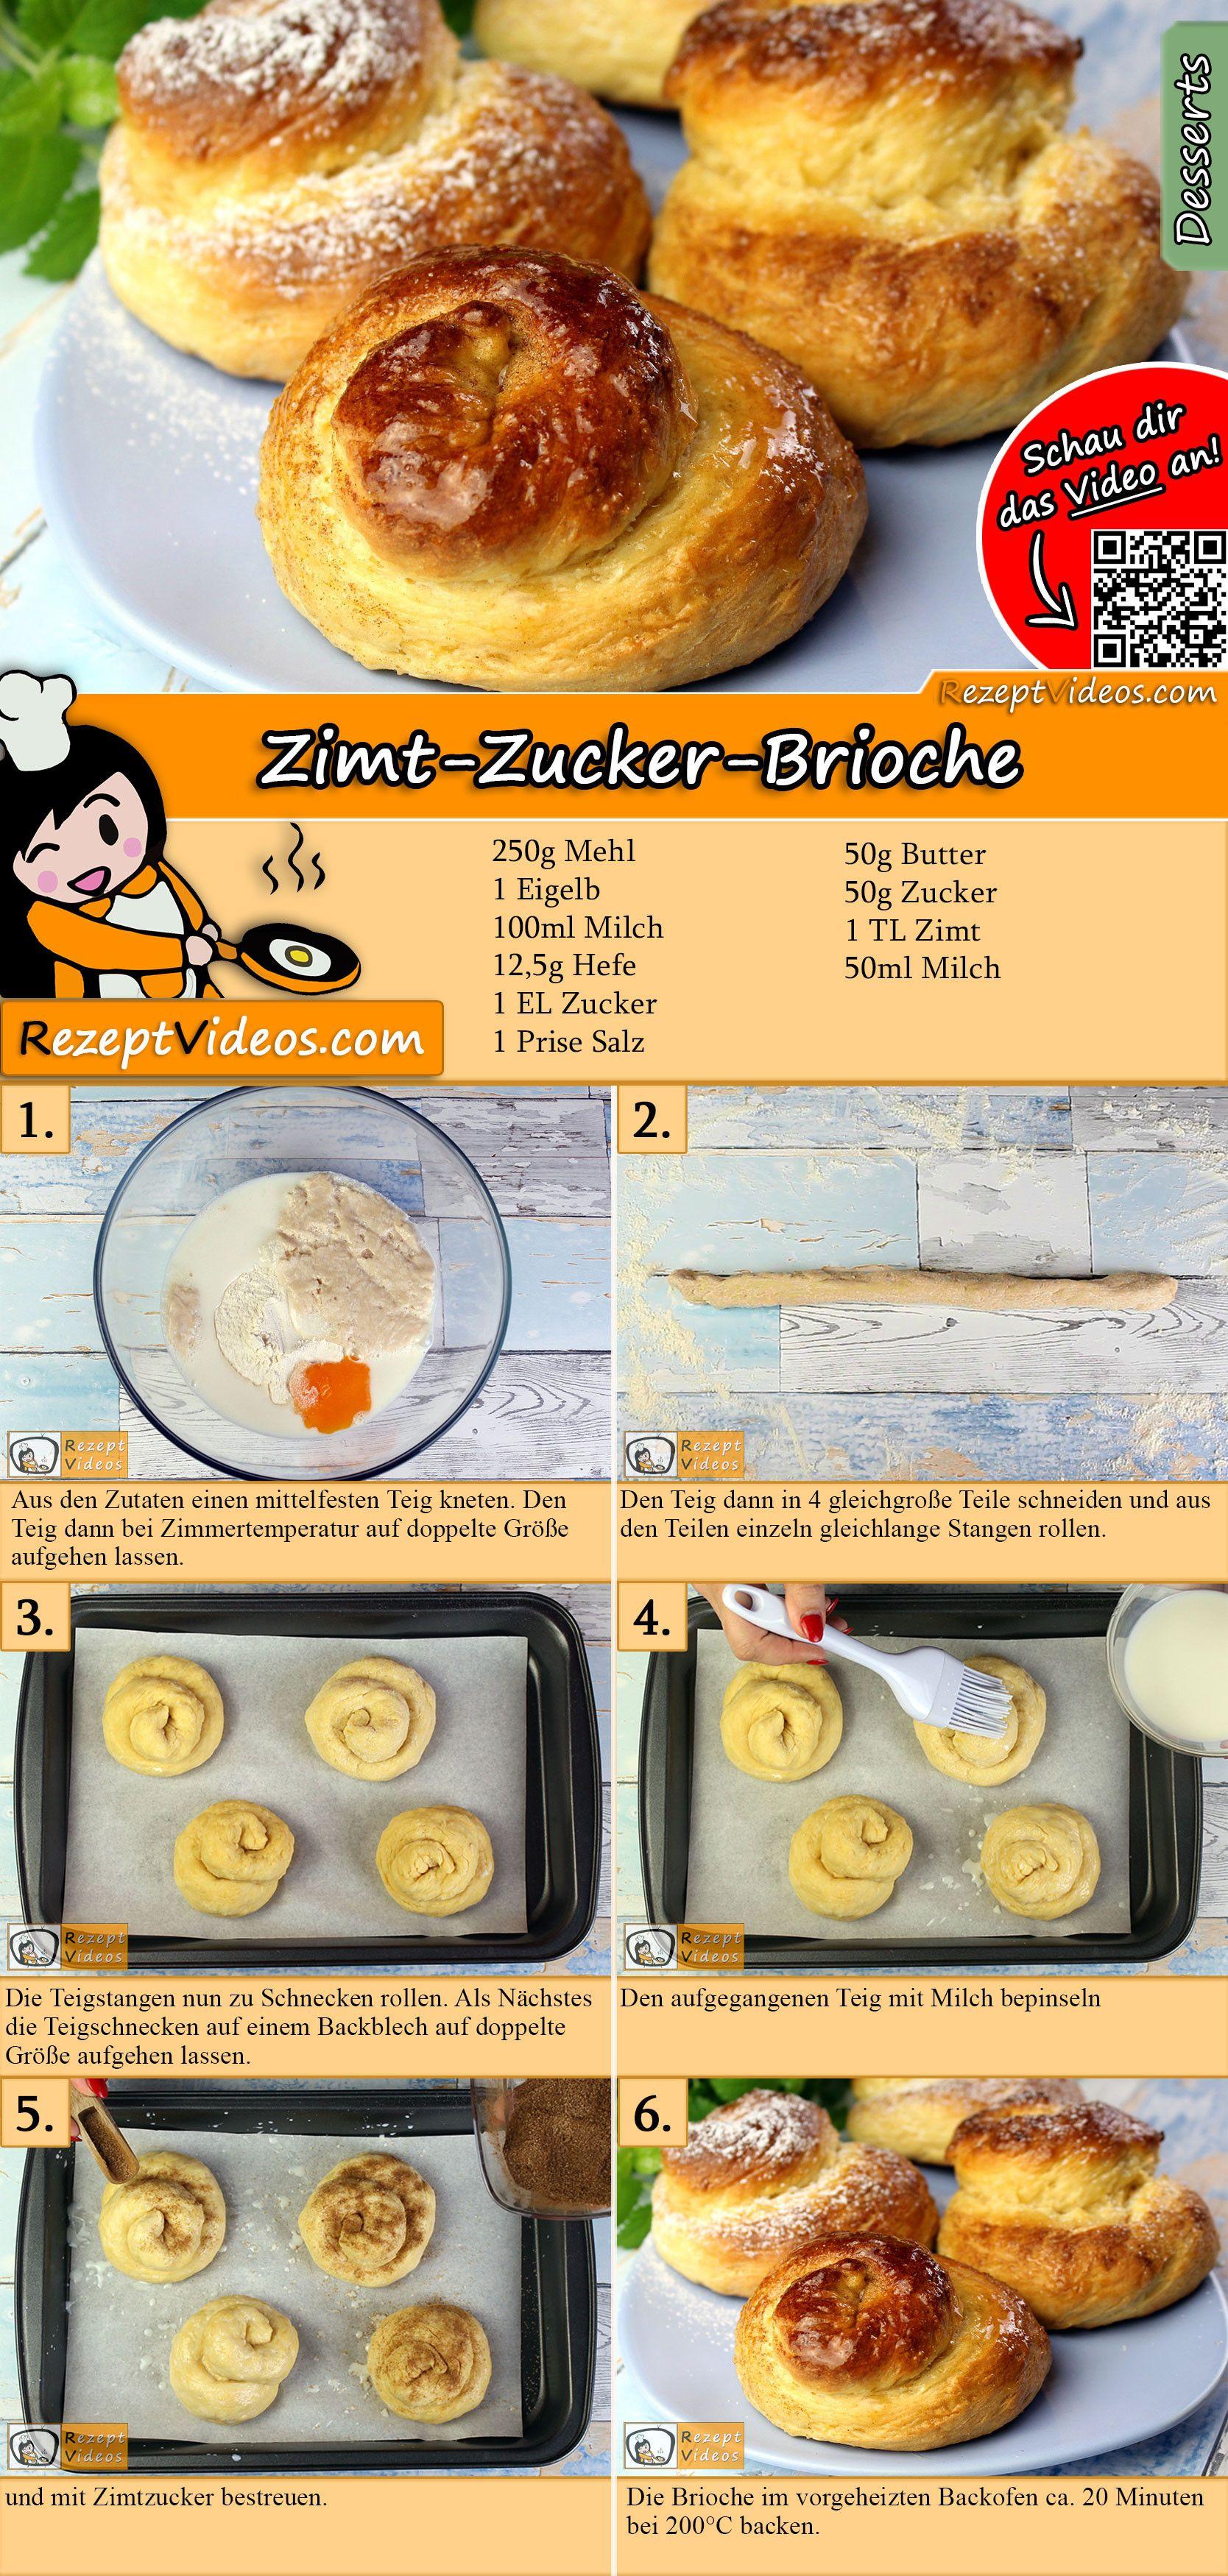 Zimt-Zucker-Brioche Rezept mit Video - süße Brioche Brötchen backen